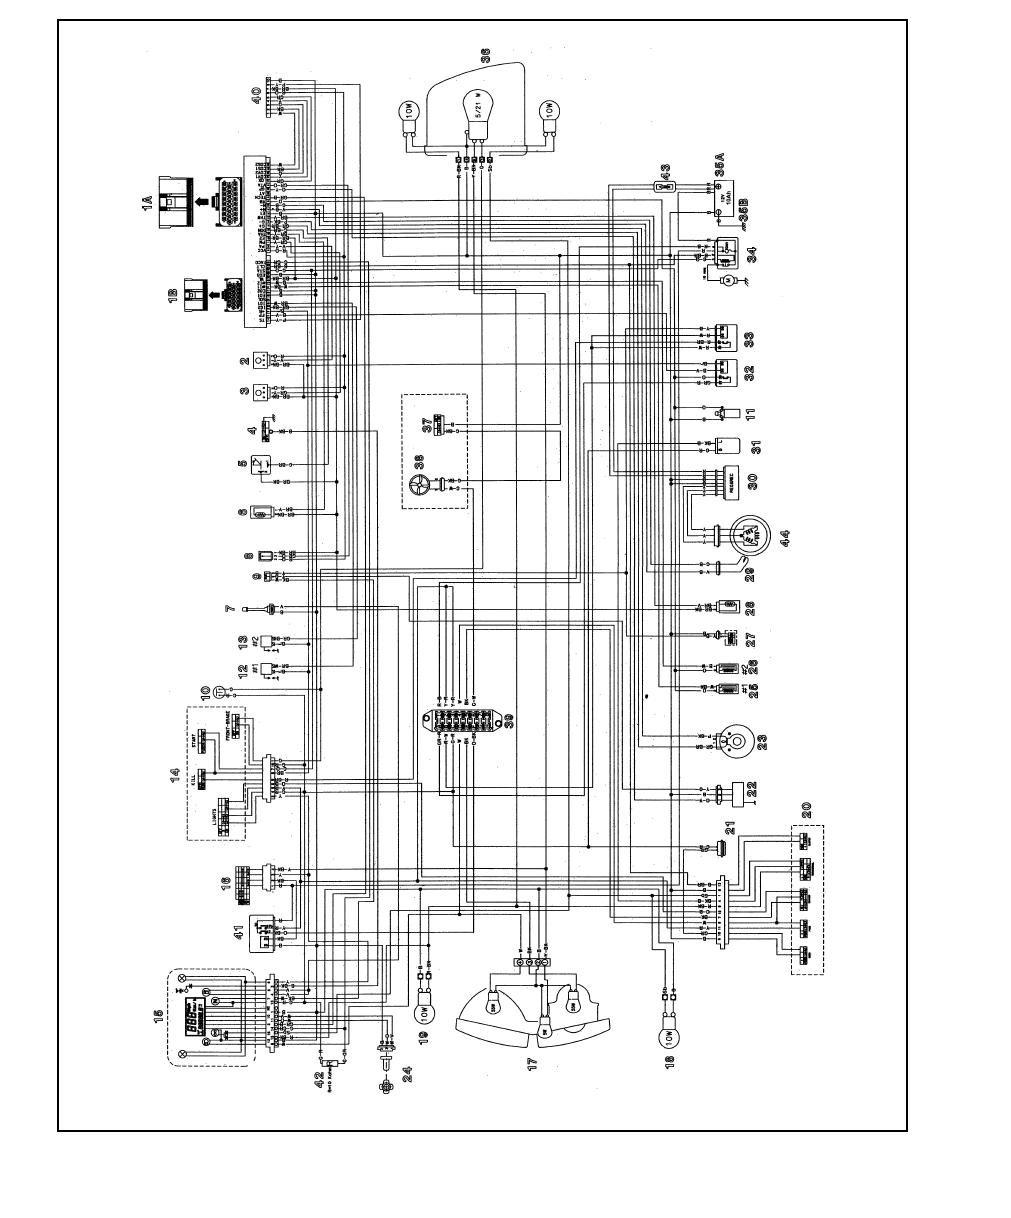 Großartig Fzr 600 Schaltplan Fotos - Die Besten Elektrischen ...